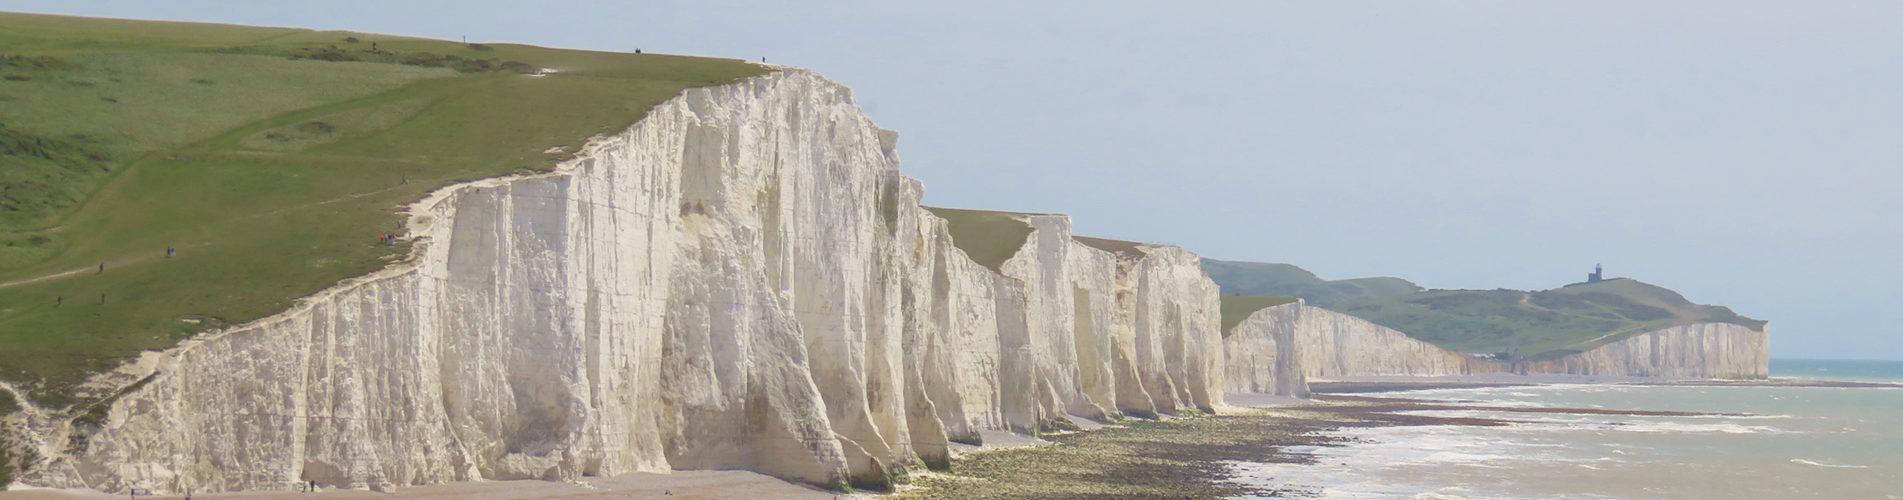 SELCS - Beachy Head